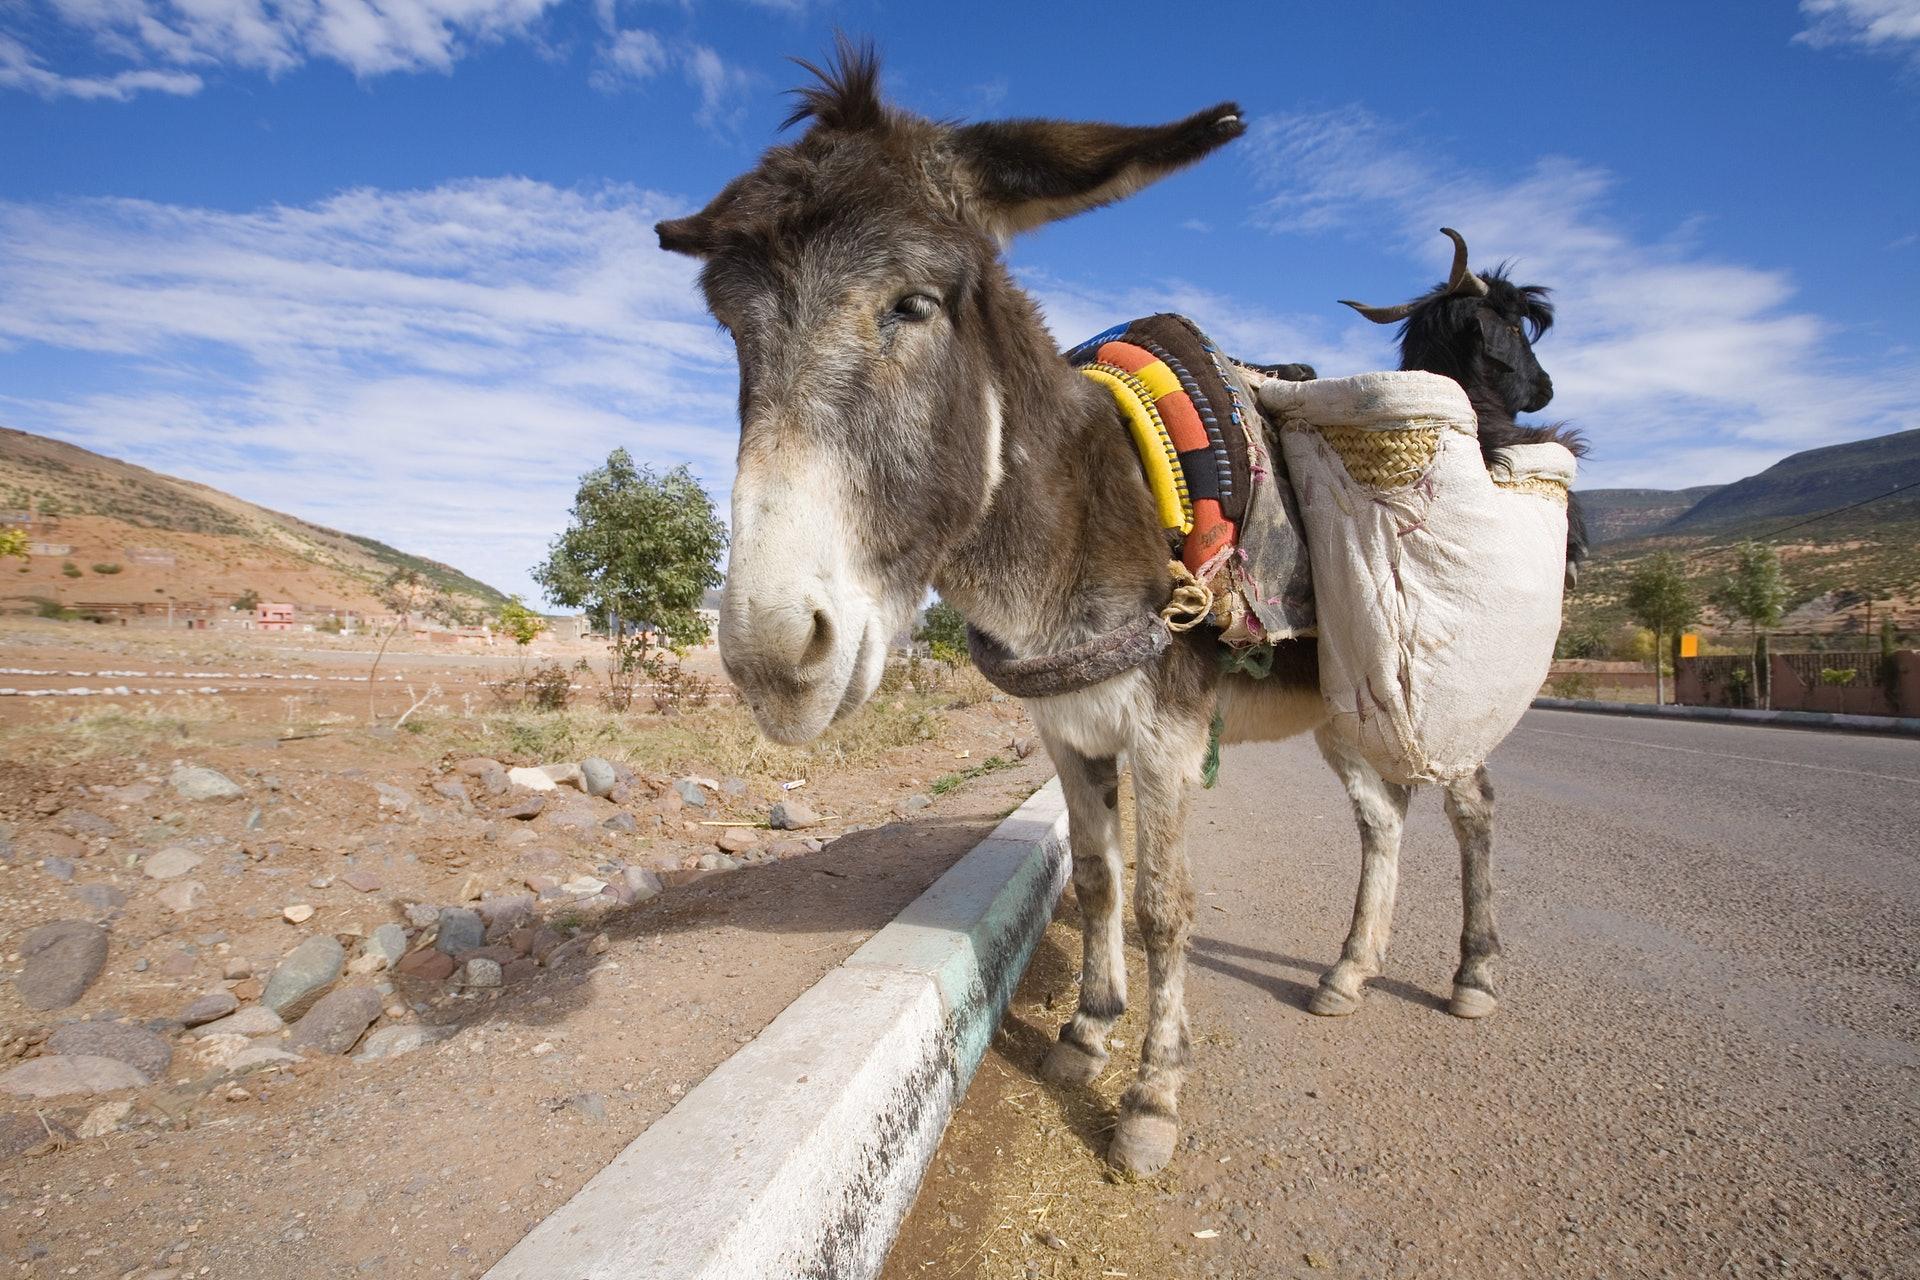 驢仔是中藥阿膠的原材料,每年不少驢引因而被虐殺。(視覺中國)